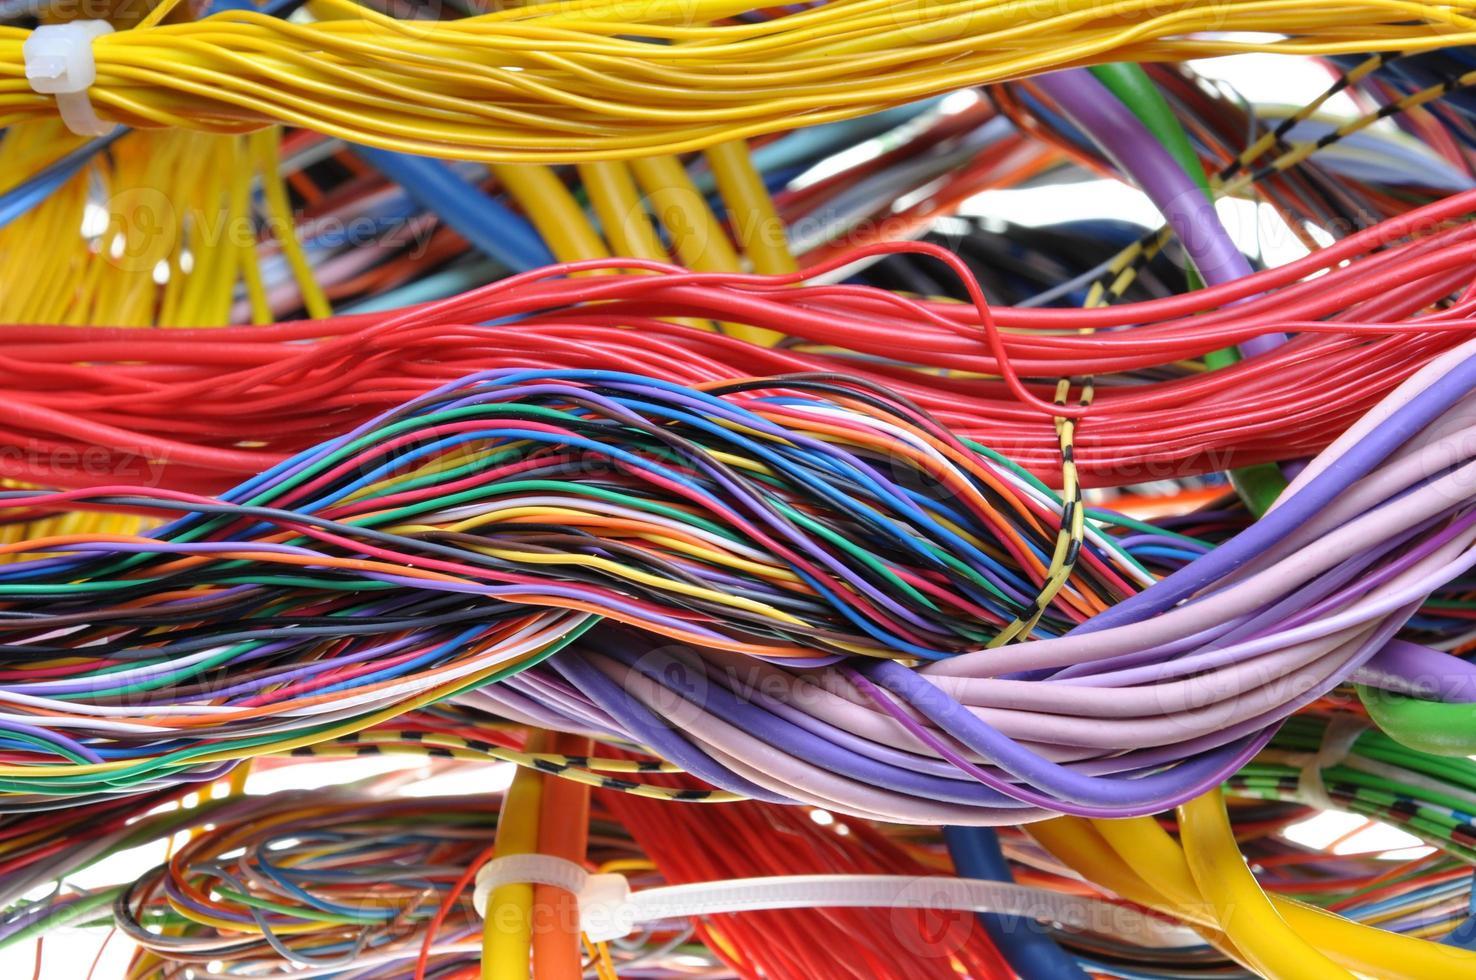 cavi colorati nelle reti globali foto